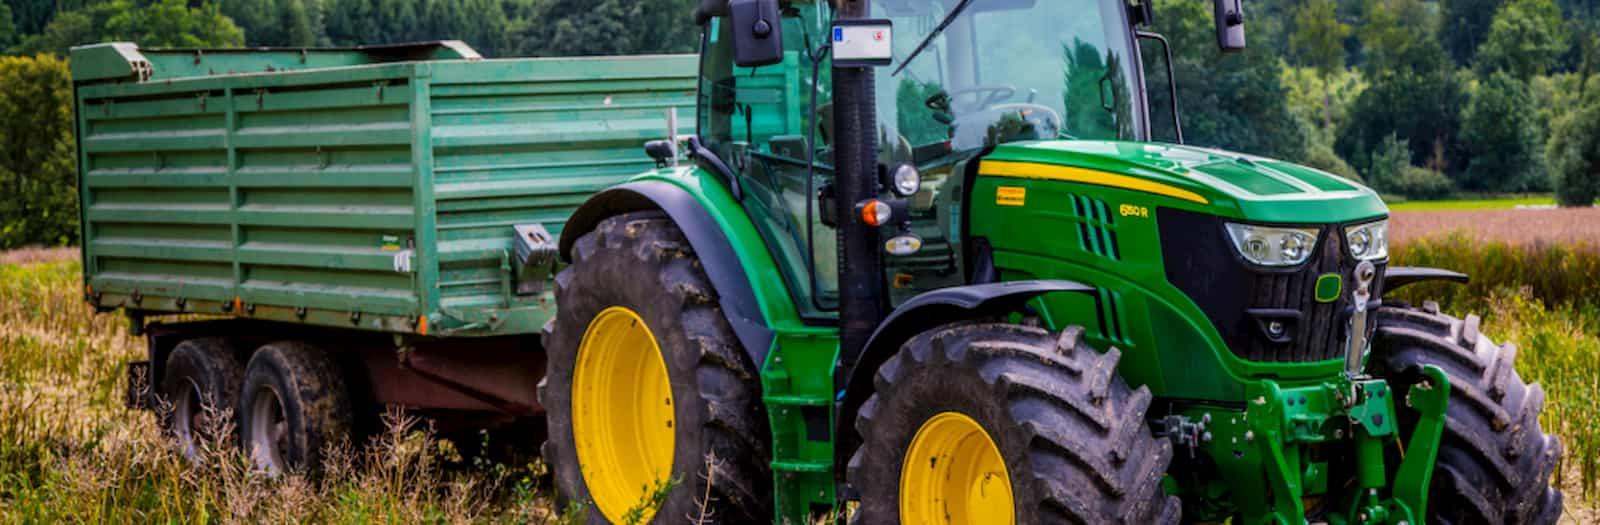 REVISIONE PERIODICA DELLE MACCHINE AGRICOLE